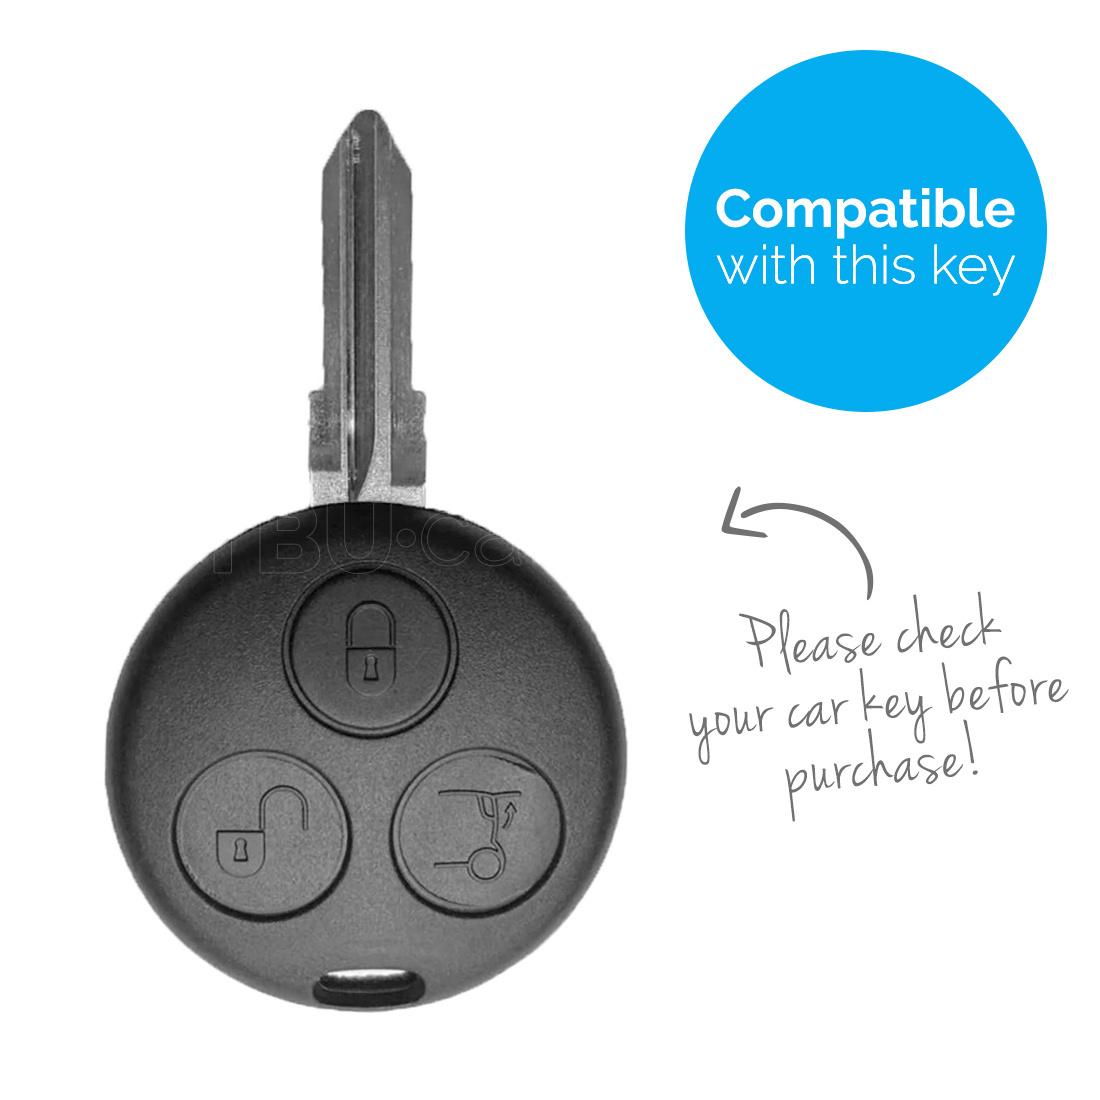 TBU car TBU car Sleutel cover compatibel met Smart - Silicone sleutelhoesje - beschermhoesje autosleutel - Zwart